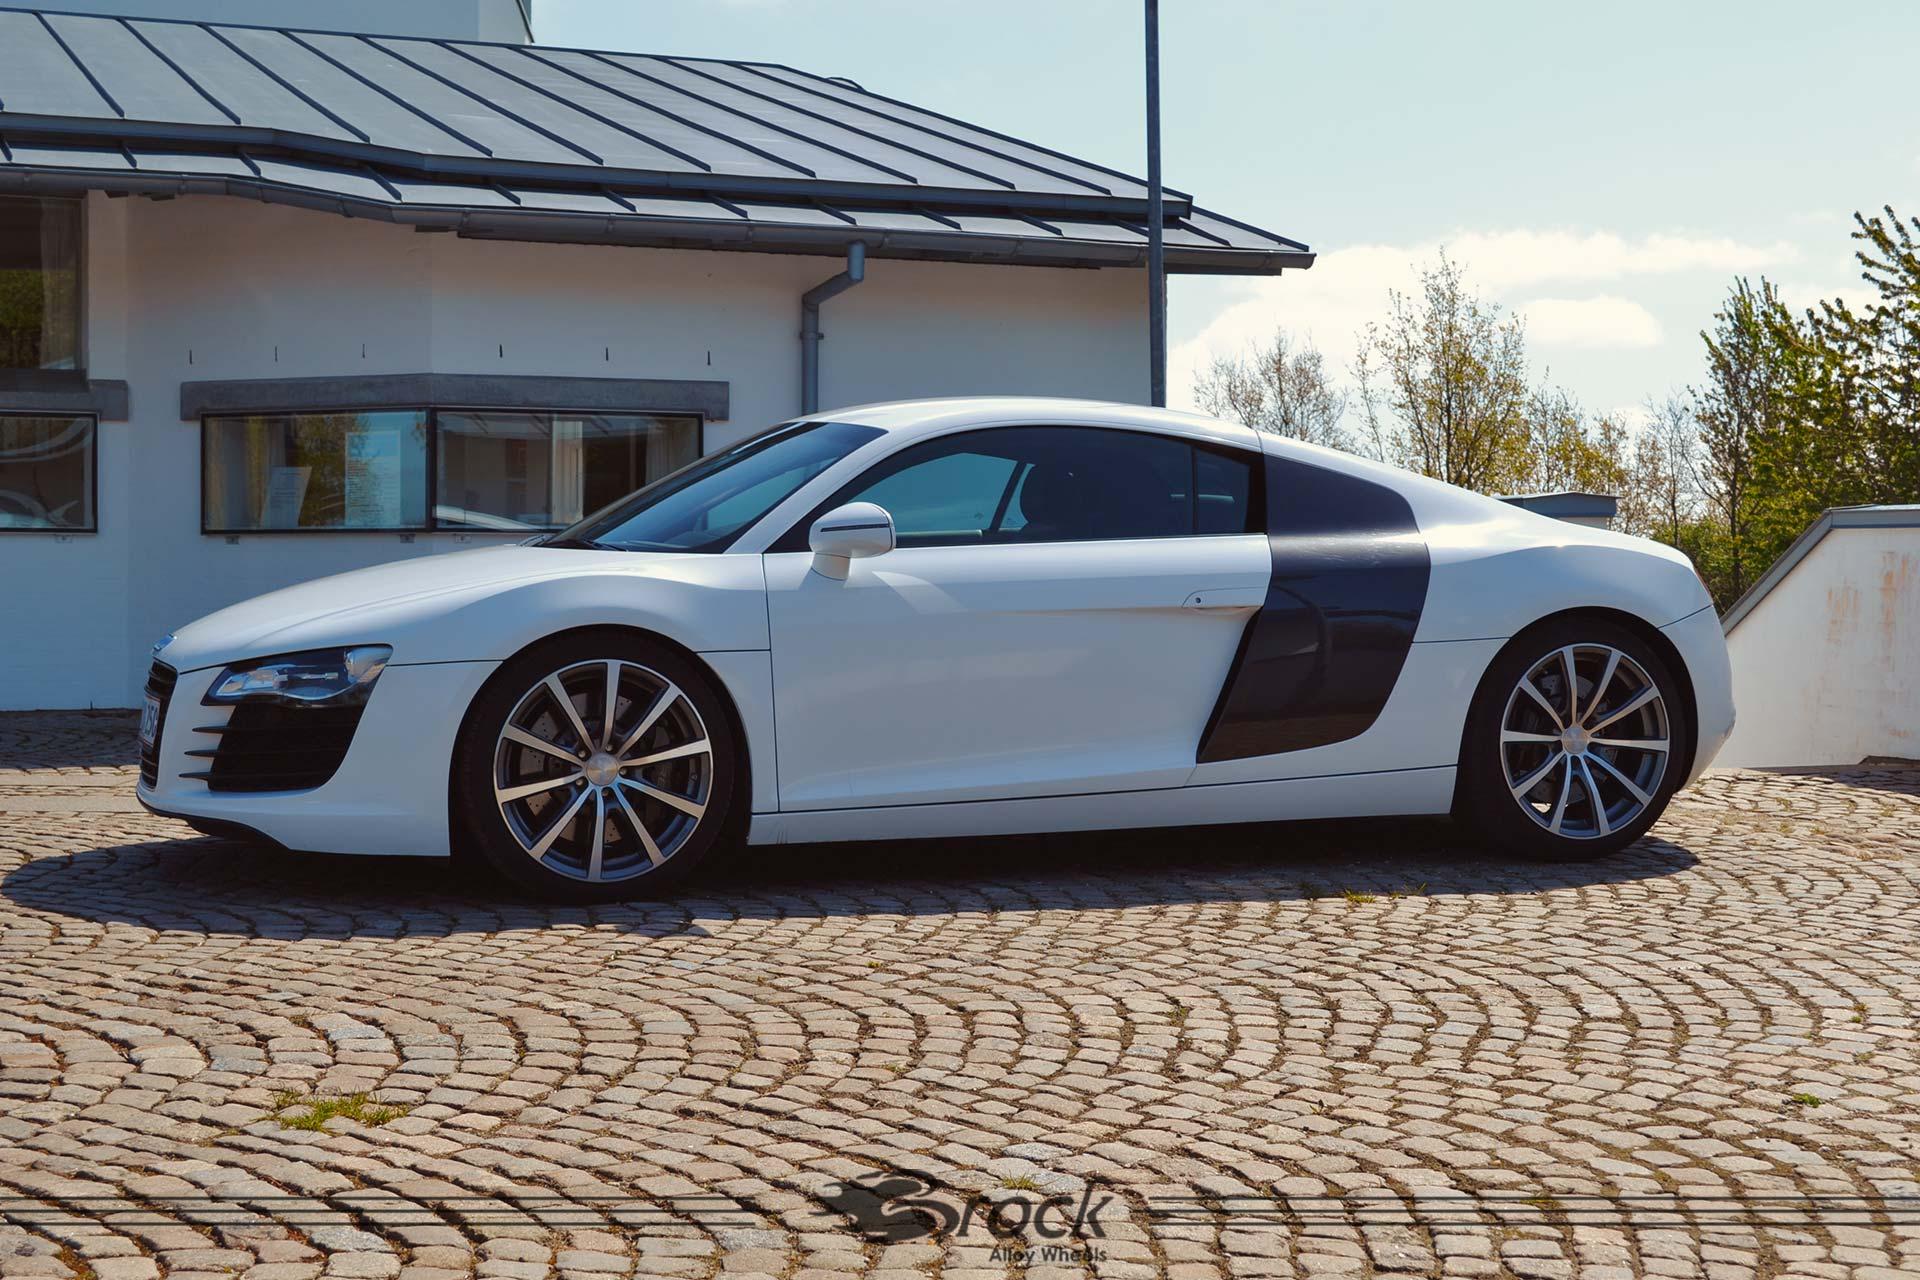 Audi-R8-Brock-B32-HGVP-2.jpg